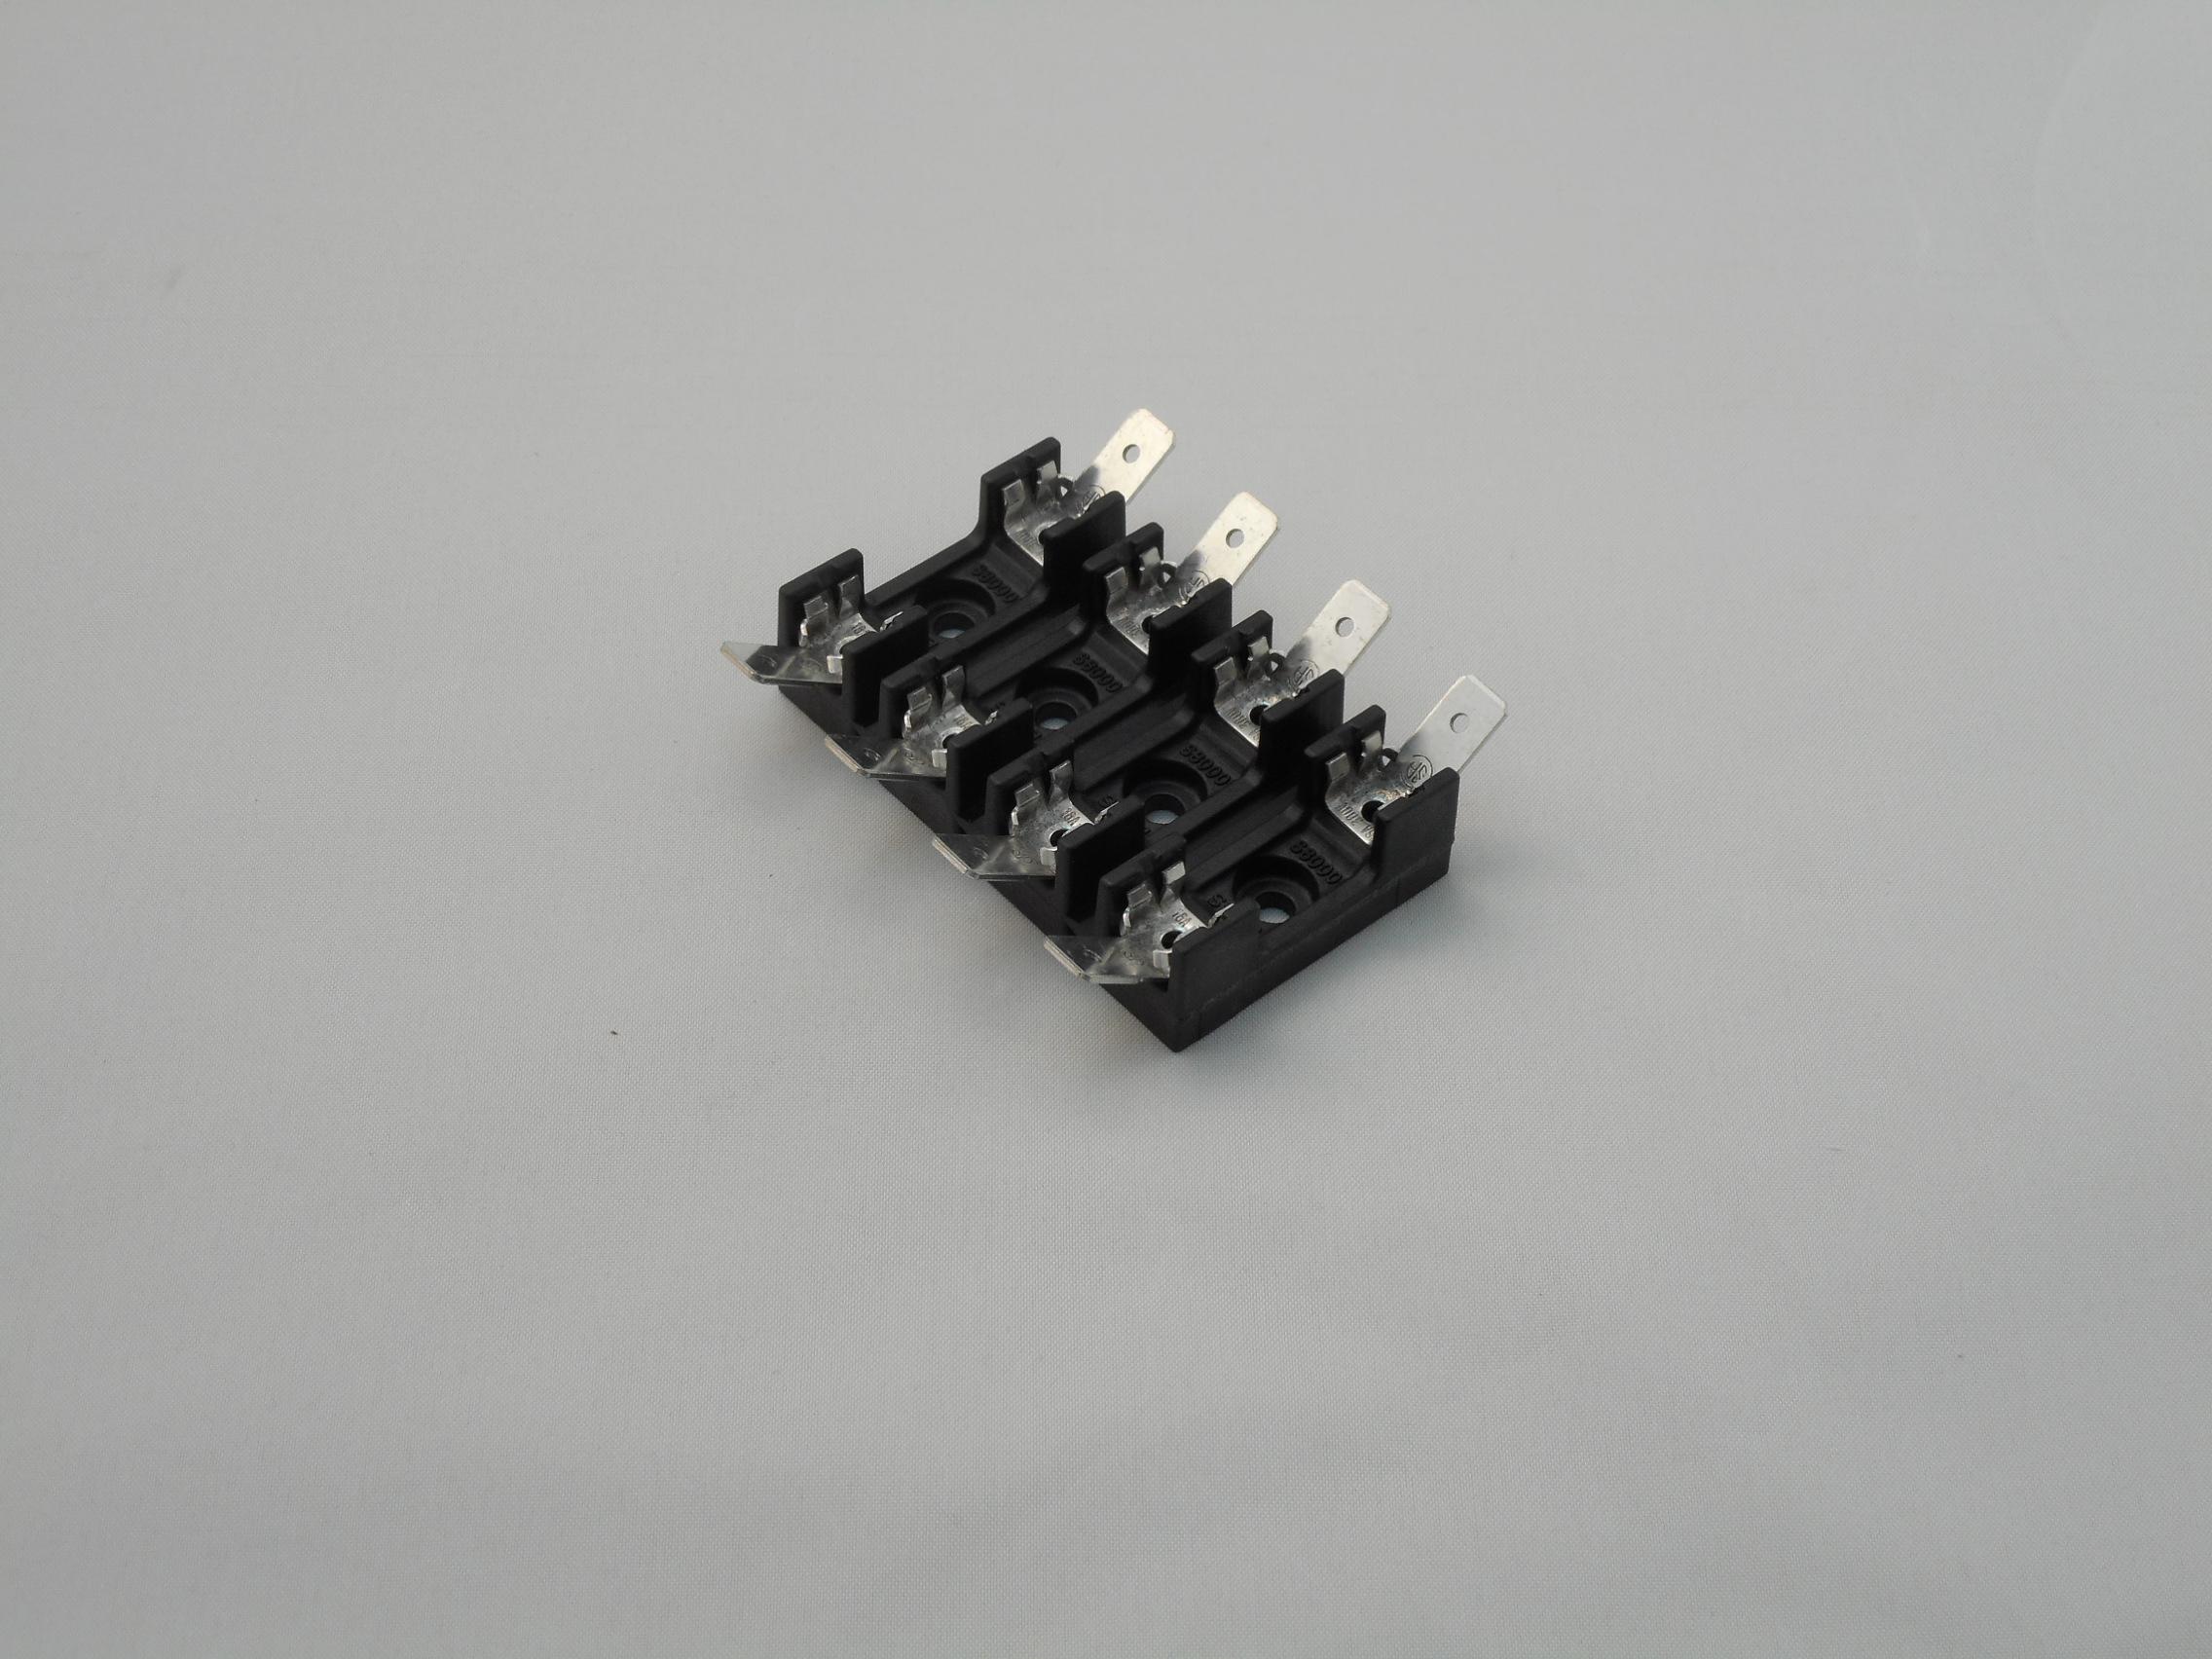 Fabulous Wrg 3813 Molex Fuse Box Wiring Cloud Histehirlexornumapkesianilluminateatxorg